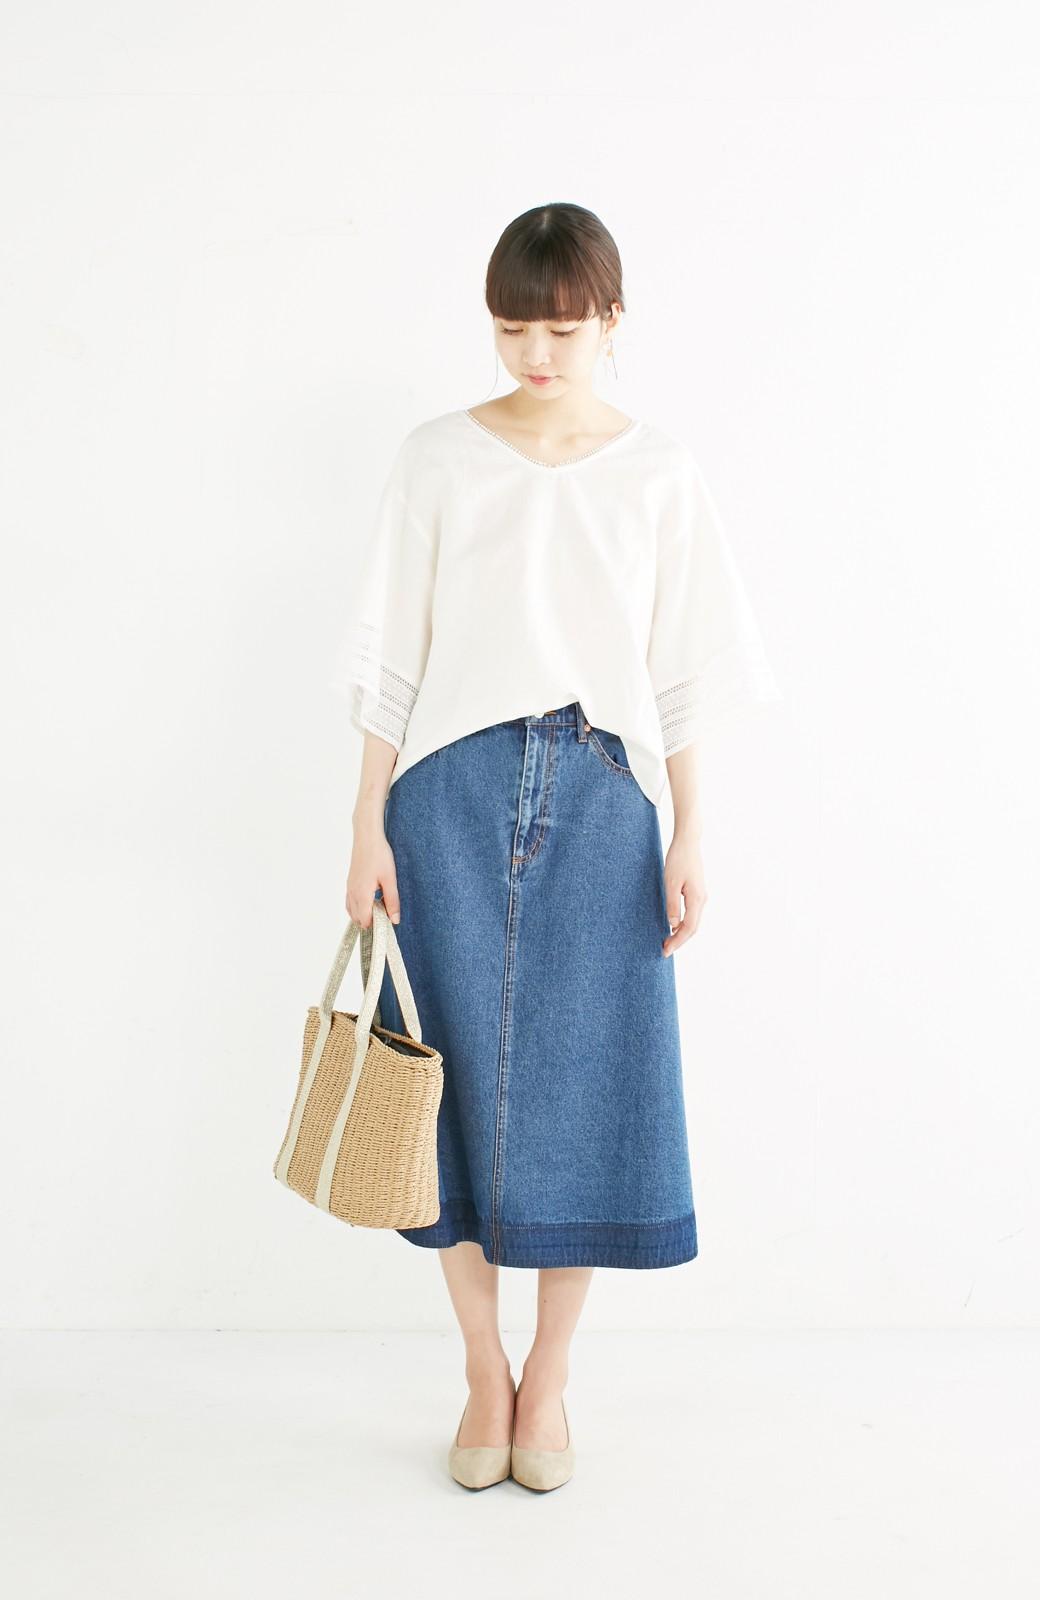 エムトロワ 着るほどになじむ 綿麻素材の袖レーストップス <ホワイト>の商品写真6